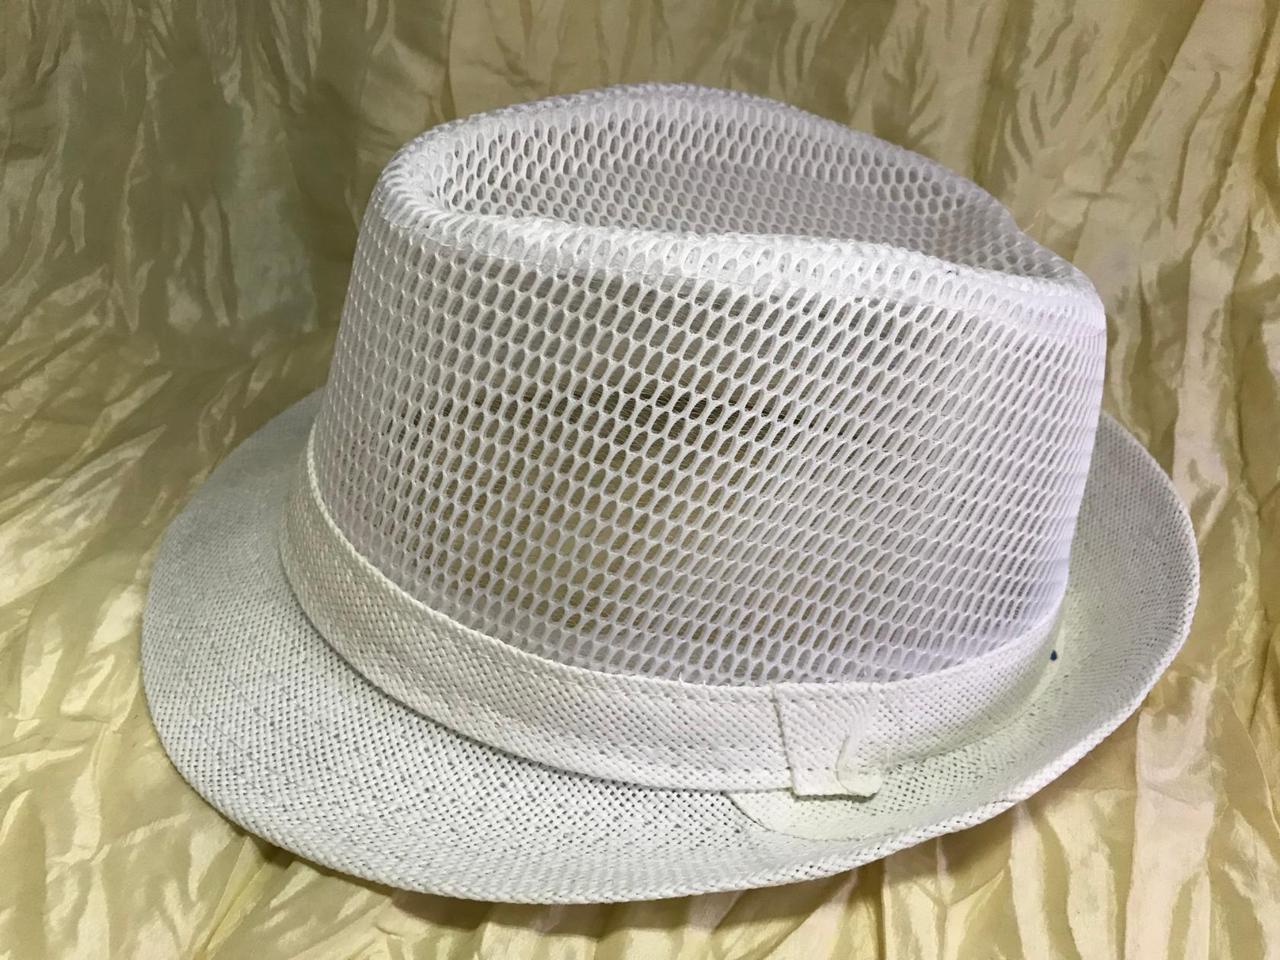 Річна капелюх Федора під чоловічий стиль тулія сітка 58 розмір колір білий